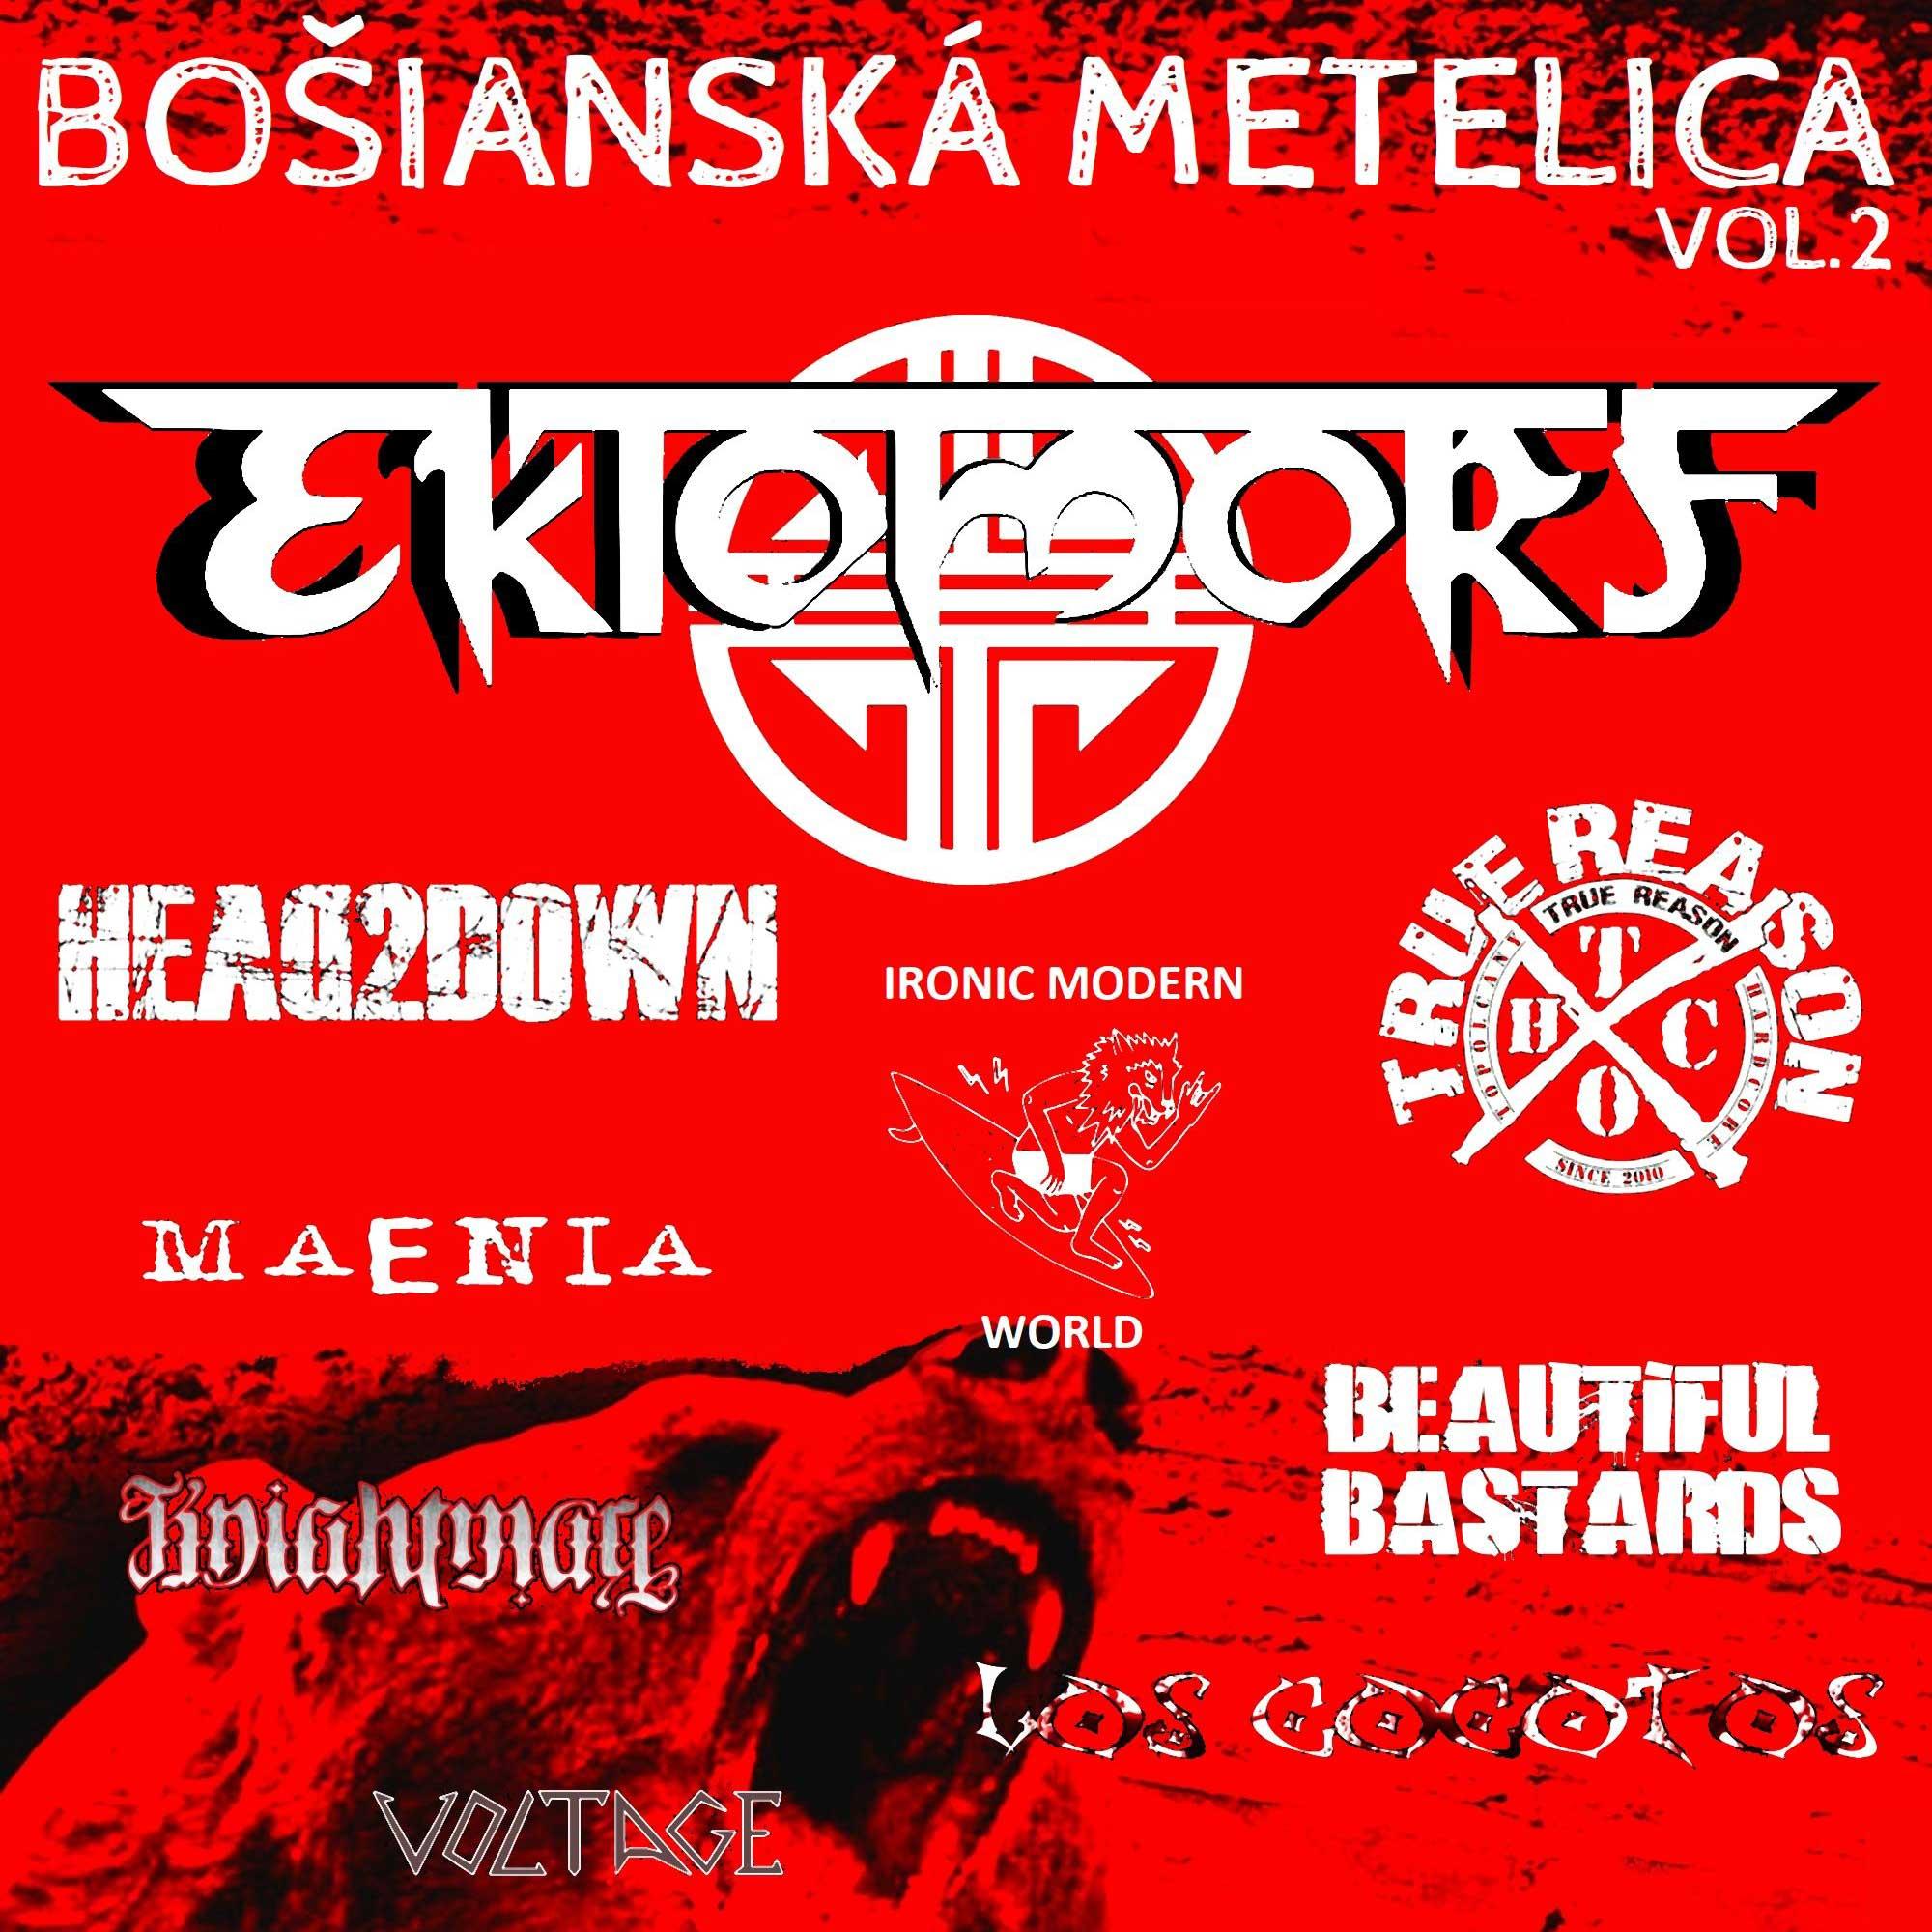 Bošianská metelica vol.2 - Ektomorf (HU)